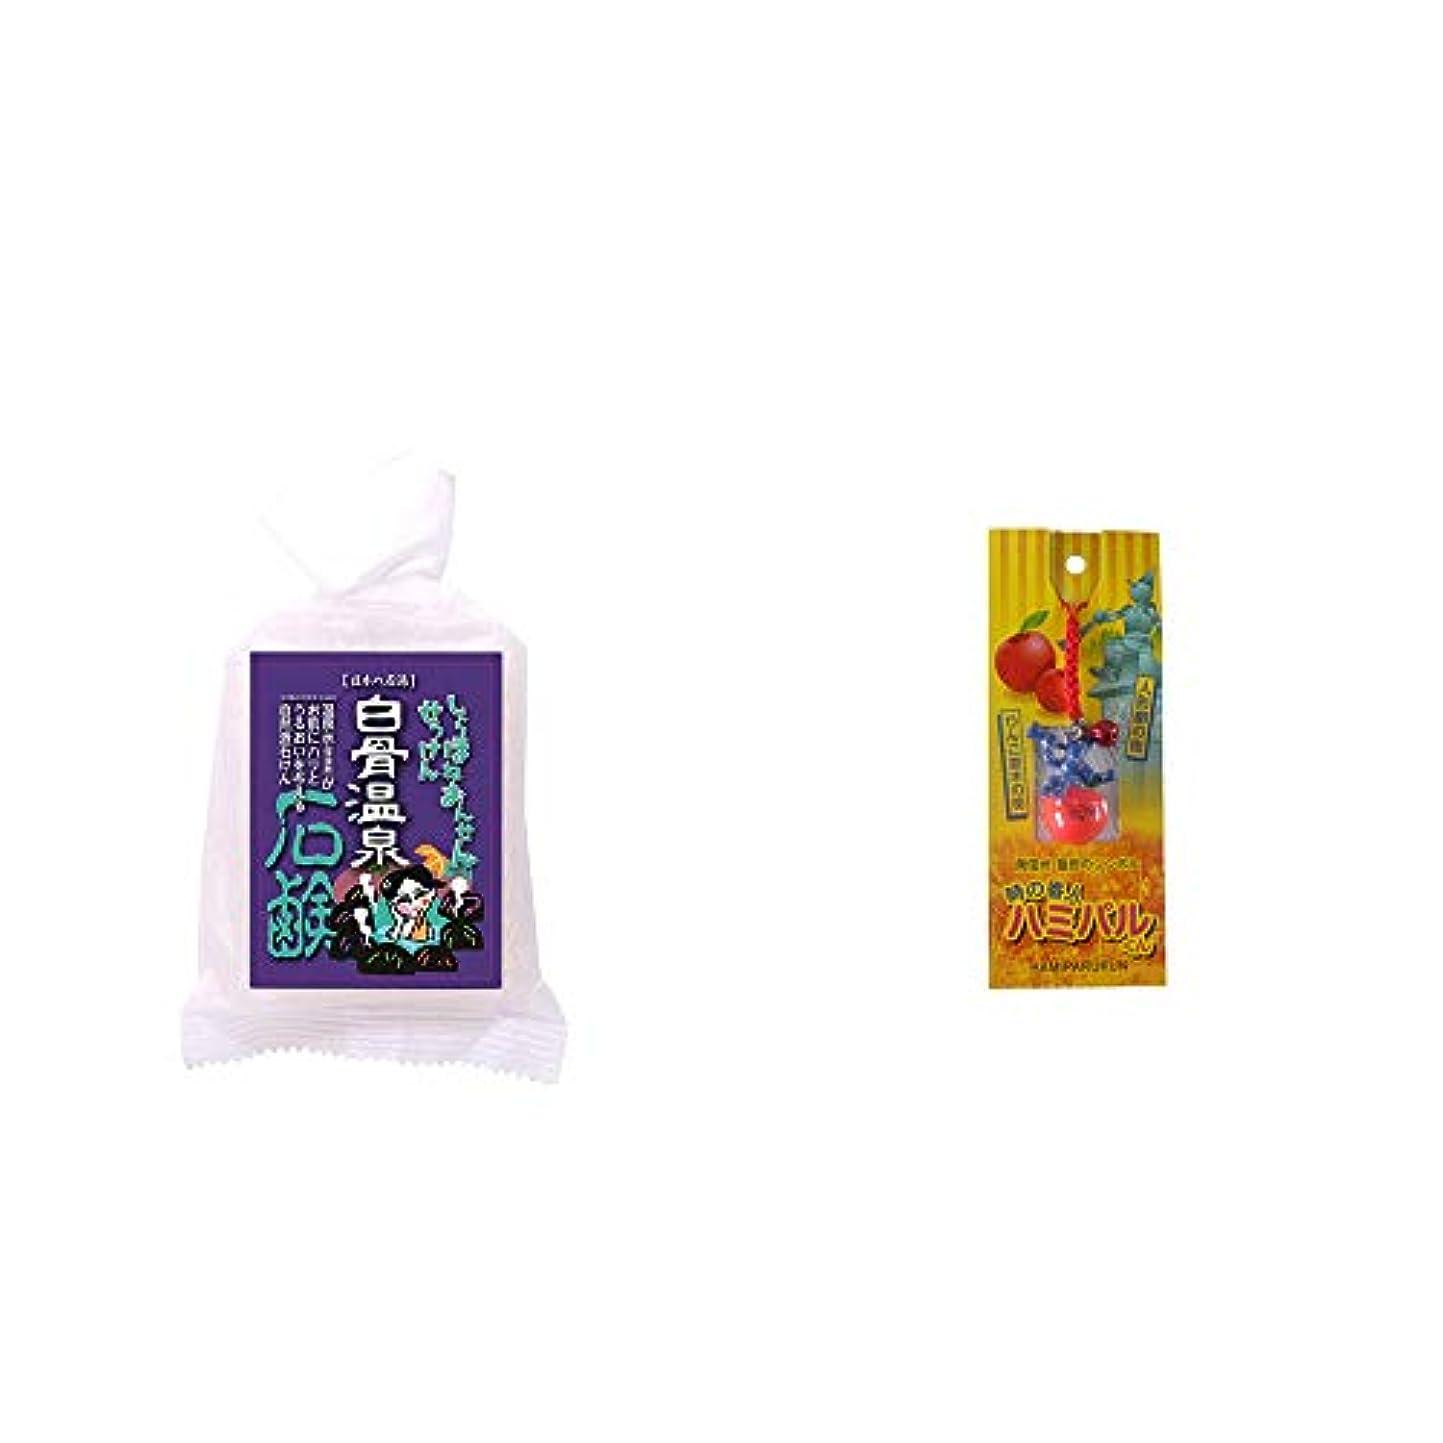 花水っぽい事[2点セット] 信州 白骨温泉石鹸(80g)?信州?飯田のシンボル 時の番人ハミパルくんストラップ